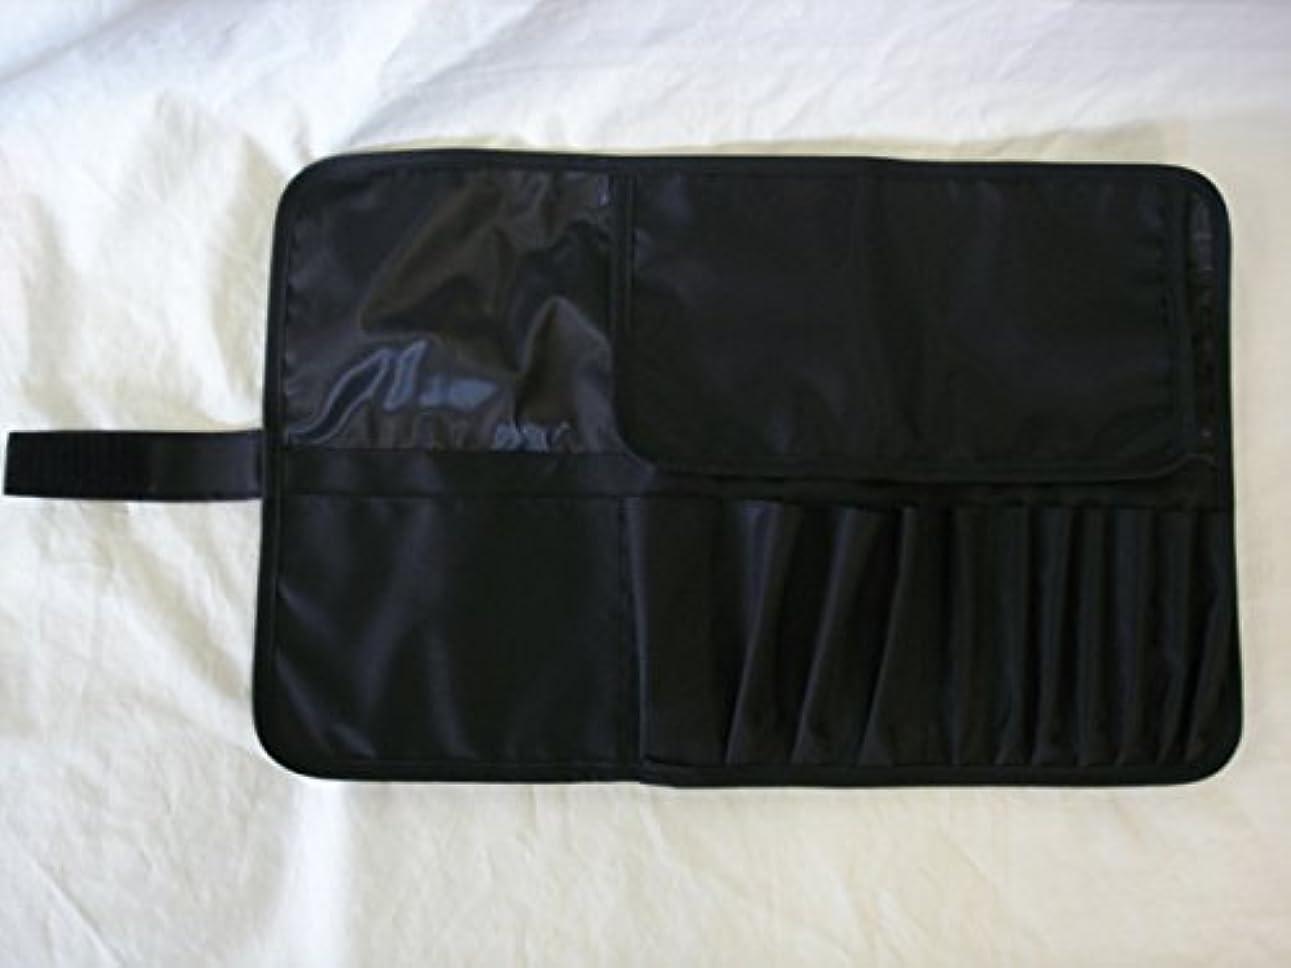 主権者クレーター小石メイクブラシケース12ポケット付 Lサイズ ブラック